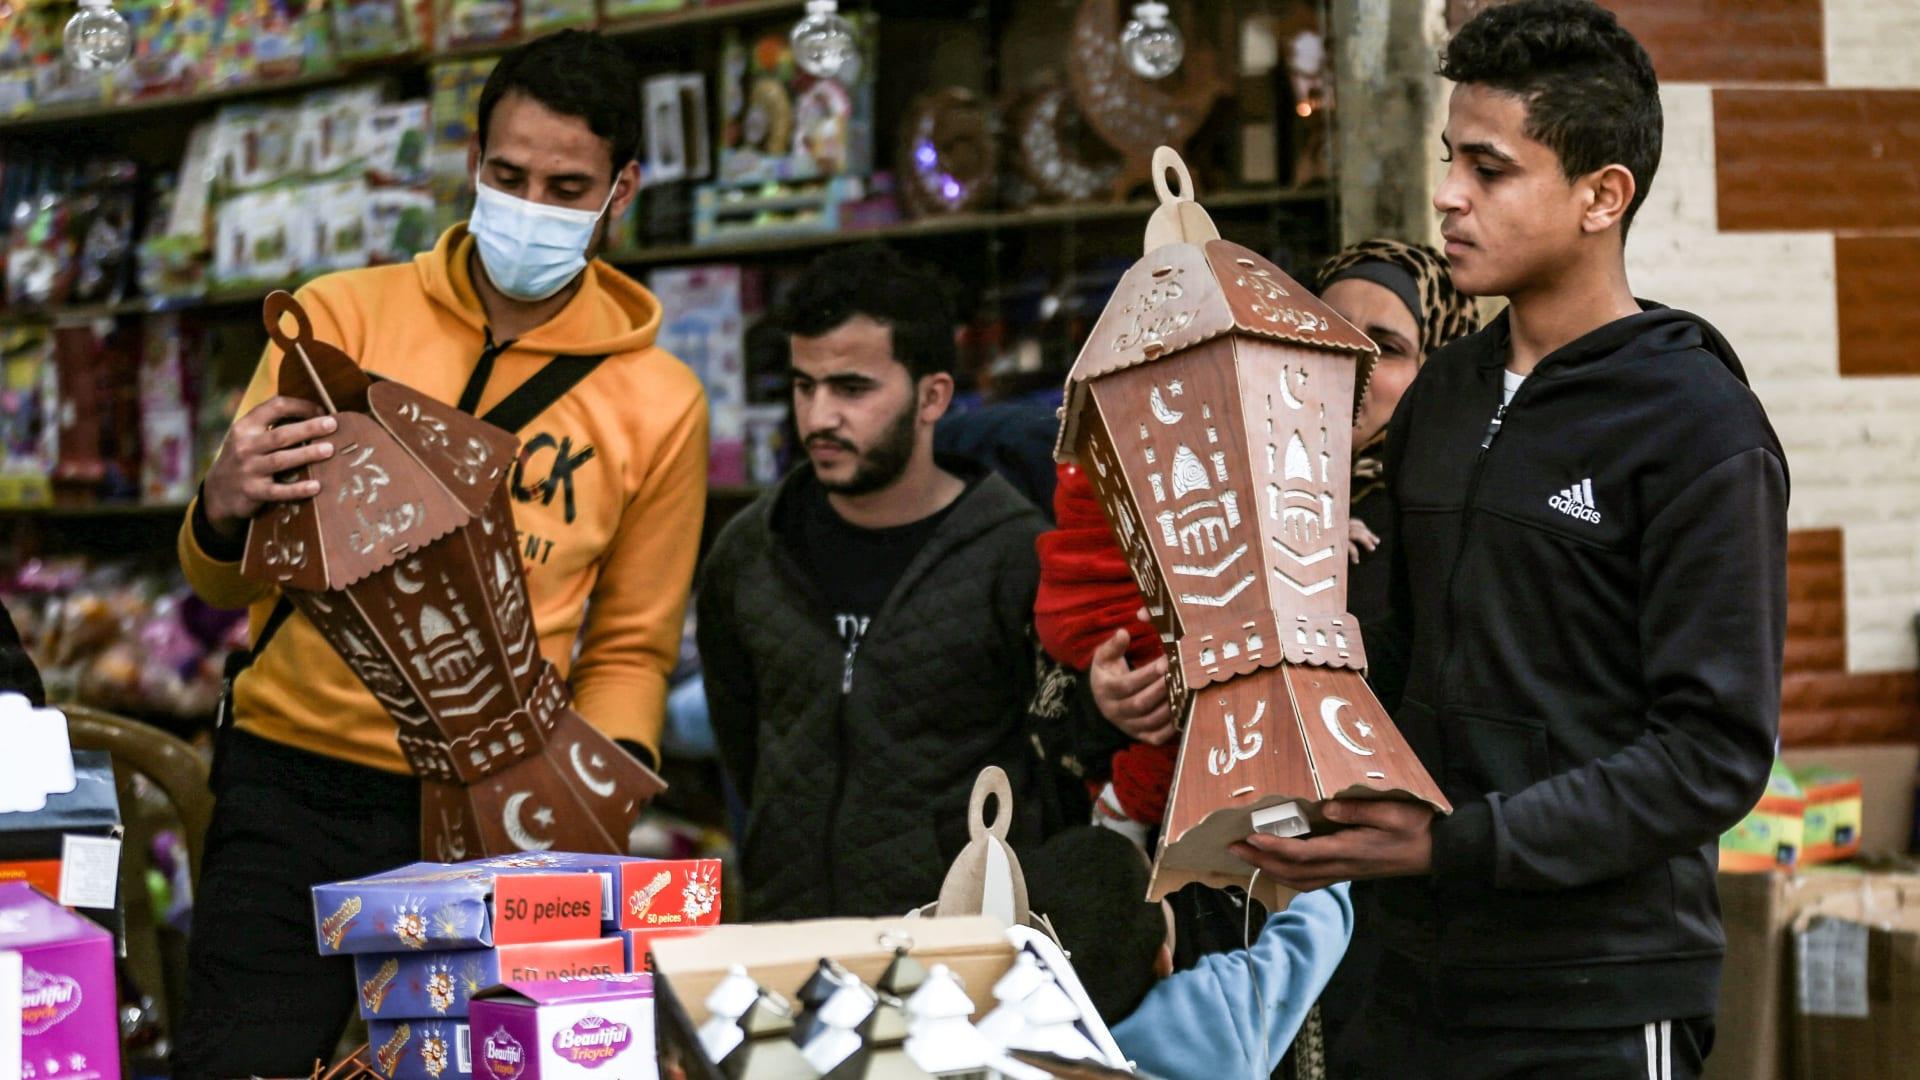 مصر تعلن أول أيام شهر رمضان.. والسعودية تعقد جلسة أخرى لتحري رؤية الهلال